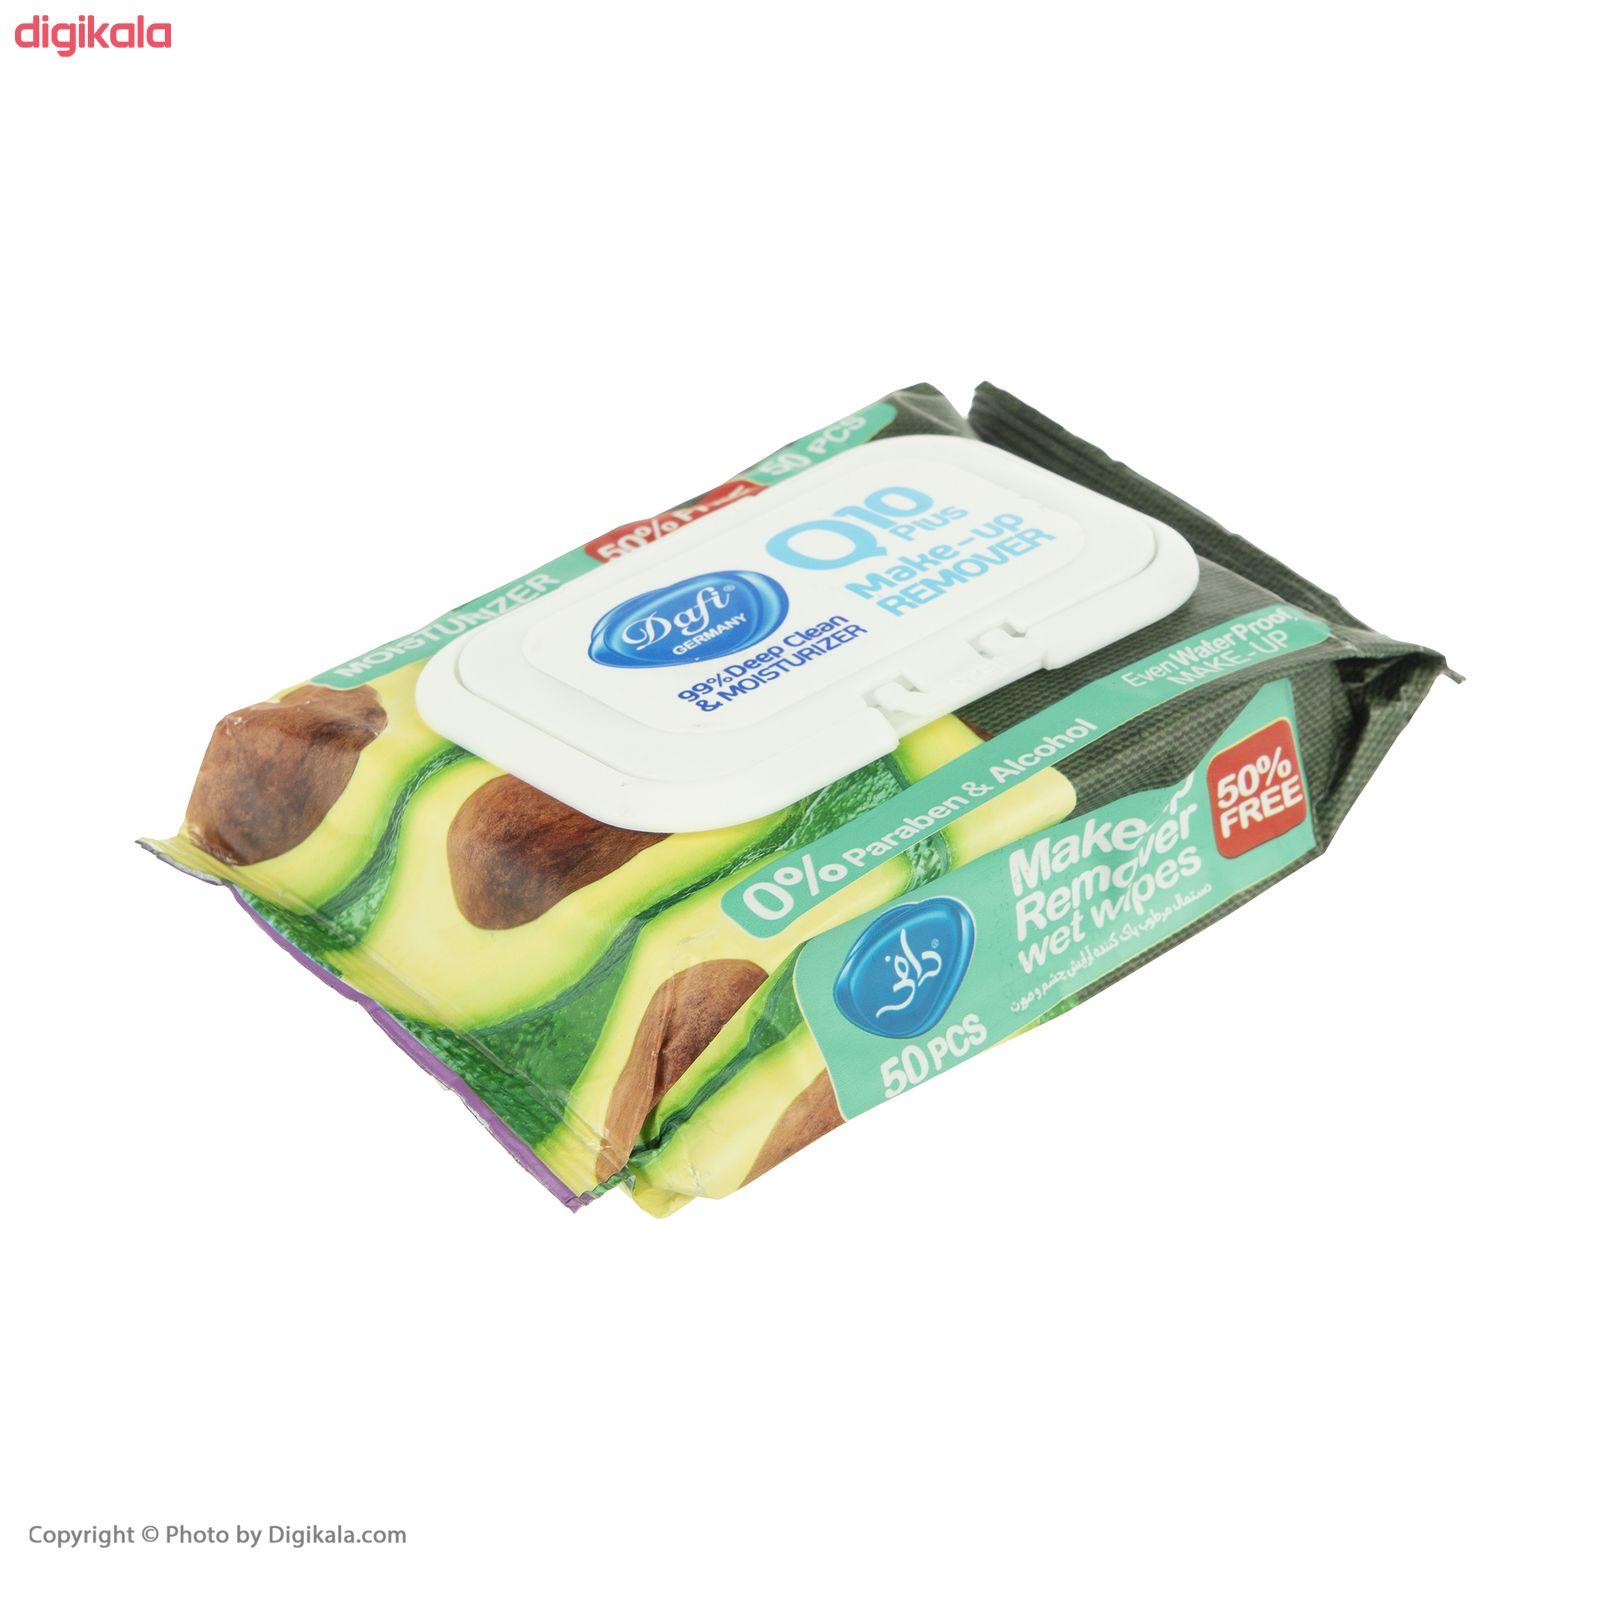 دستمال مرطوب پاک کننده آرایش دافی مدل Q10 PLUS بسته 50 عددی main 1 3